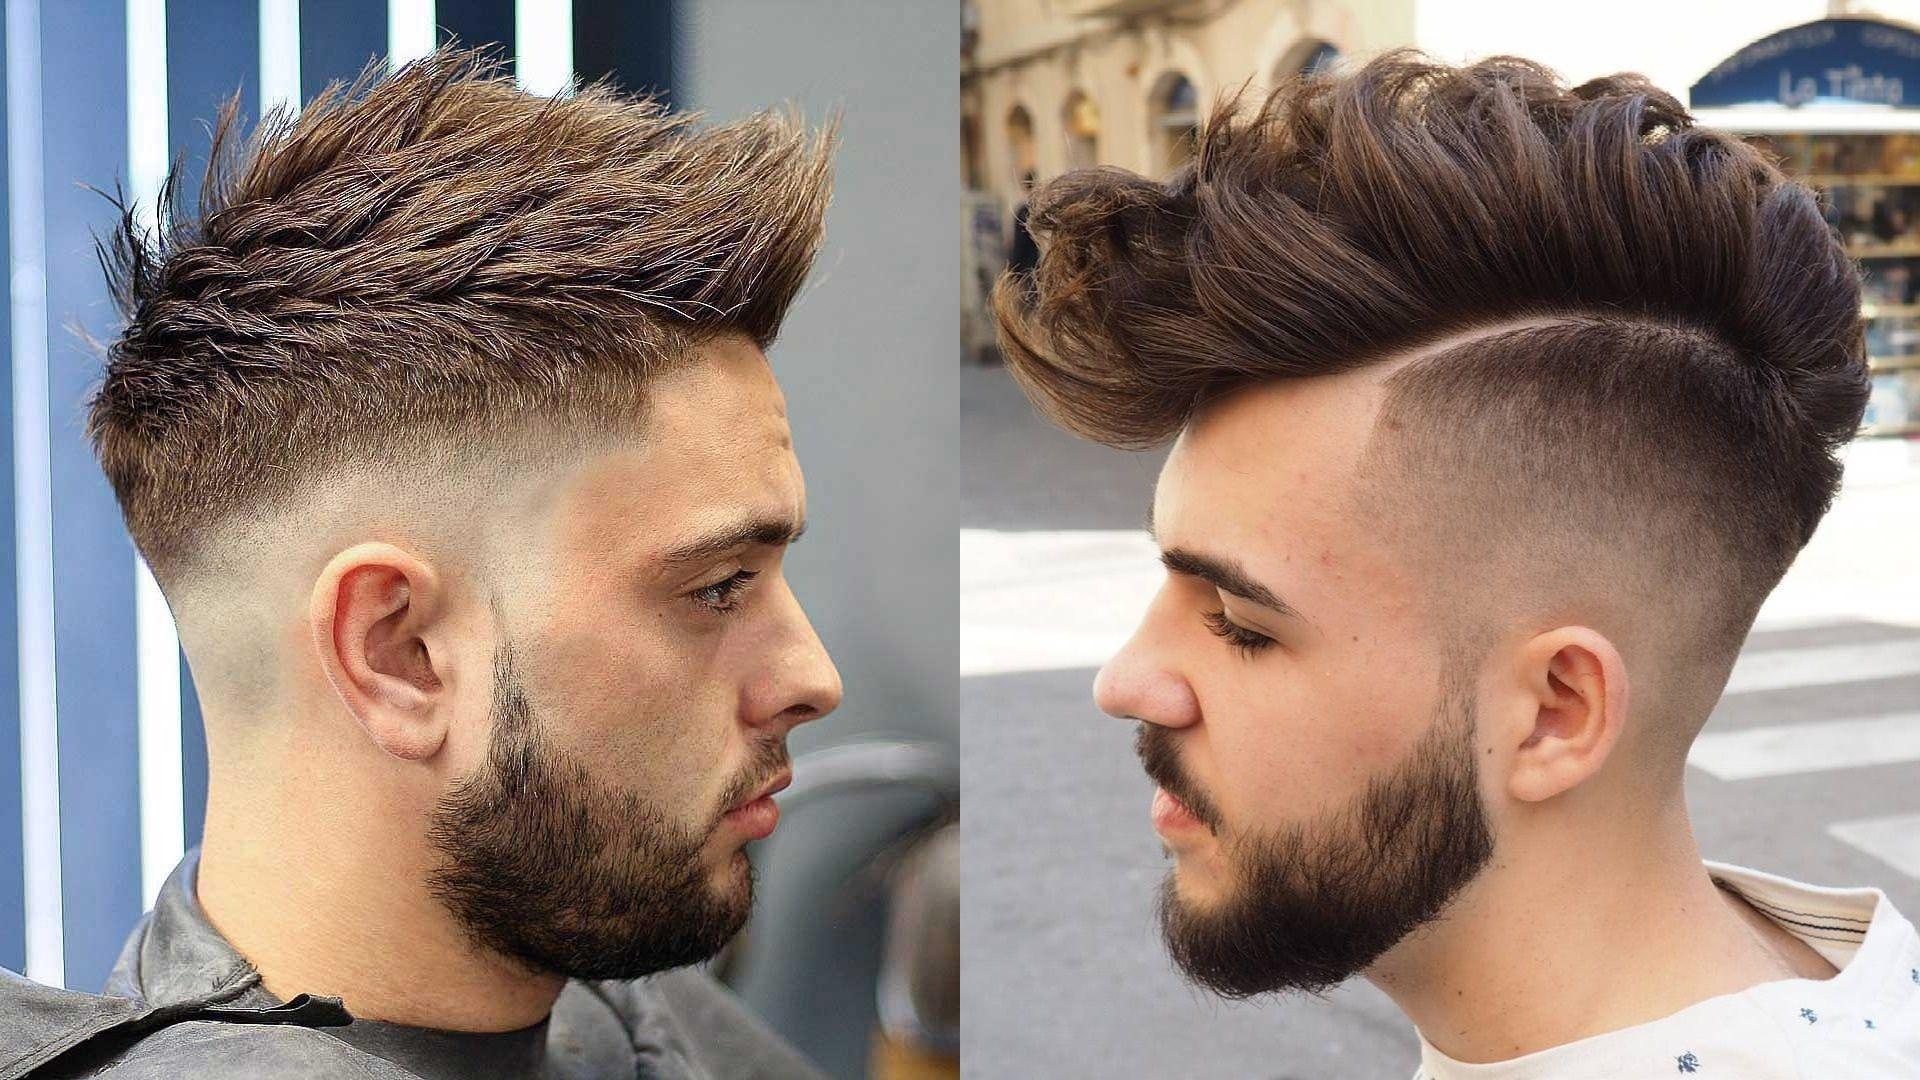 21 Atemberaubende Fohawk Frisuren Fur Manner In Dieser Saison Frisuren 2019 Neue Haarschnitte Und Haarfarben Hair Styles Public